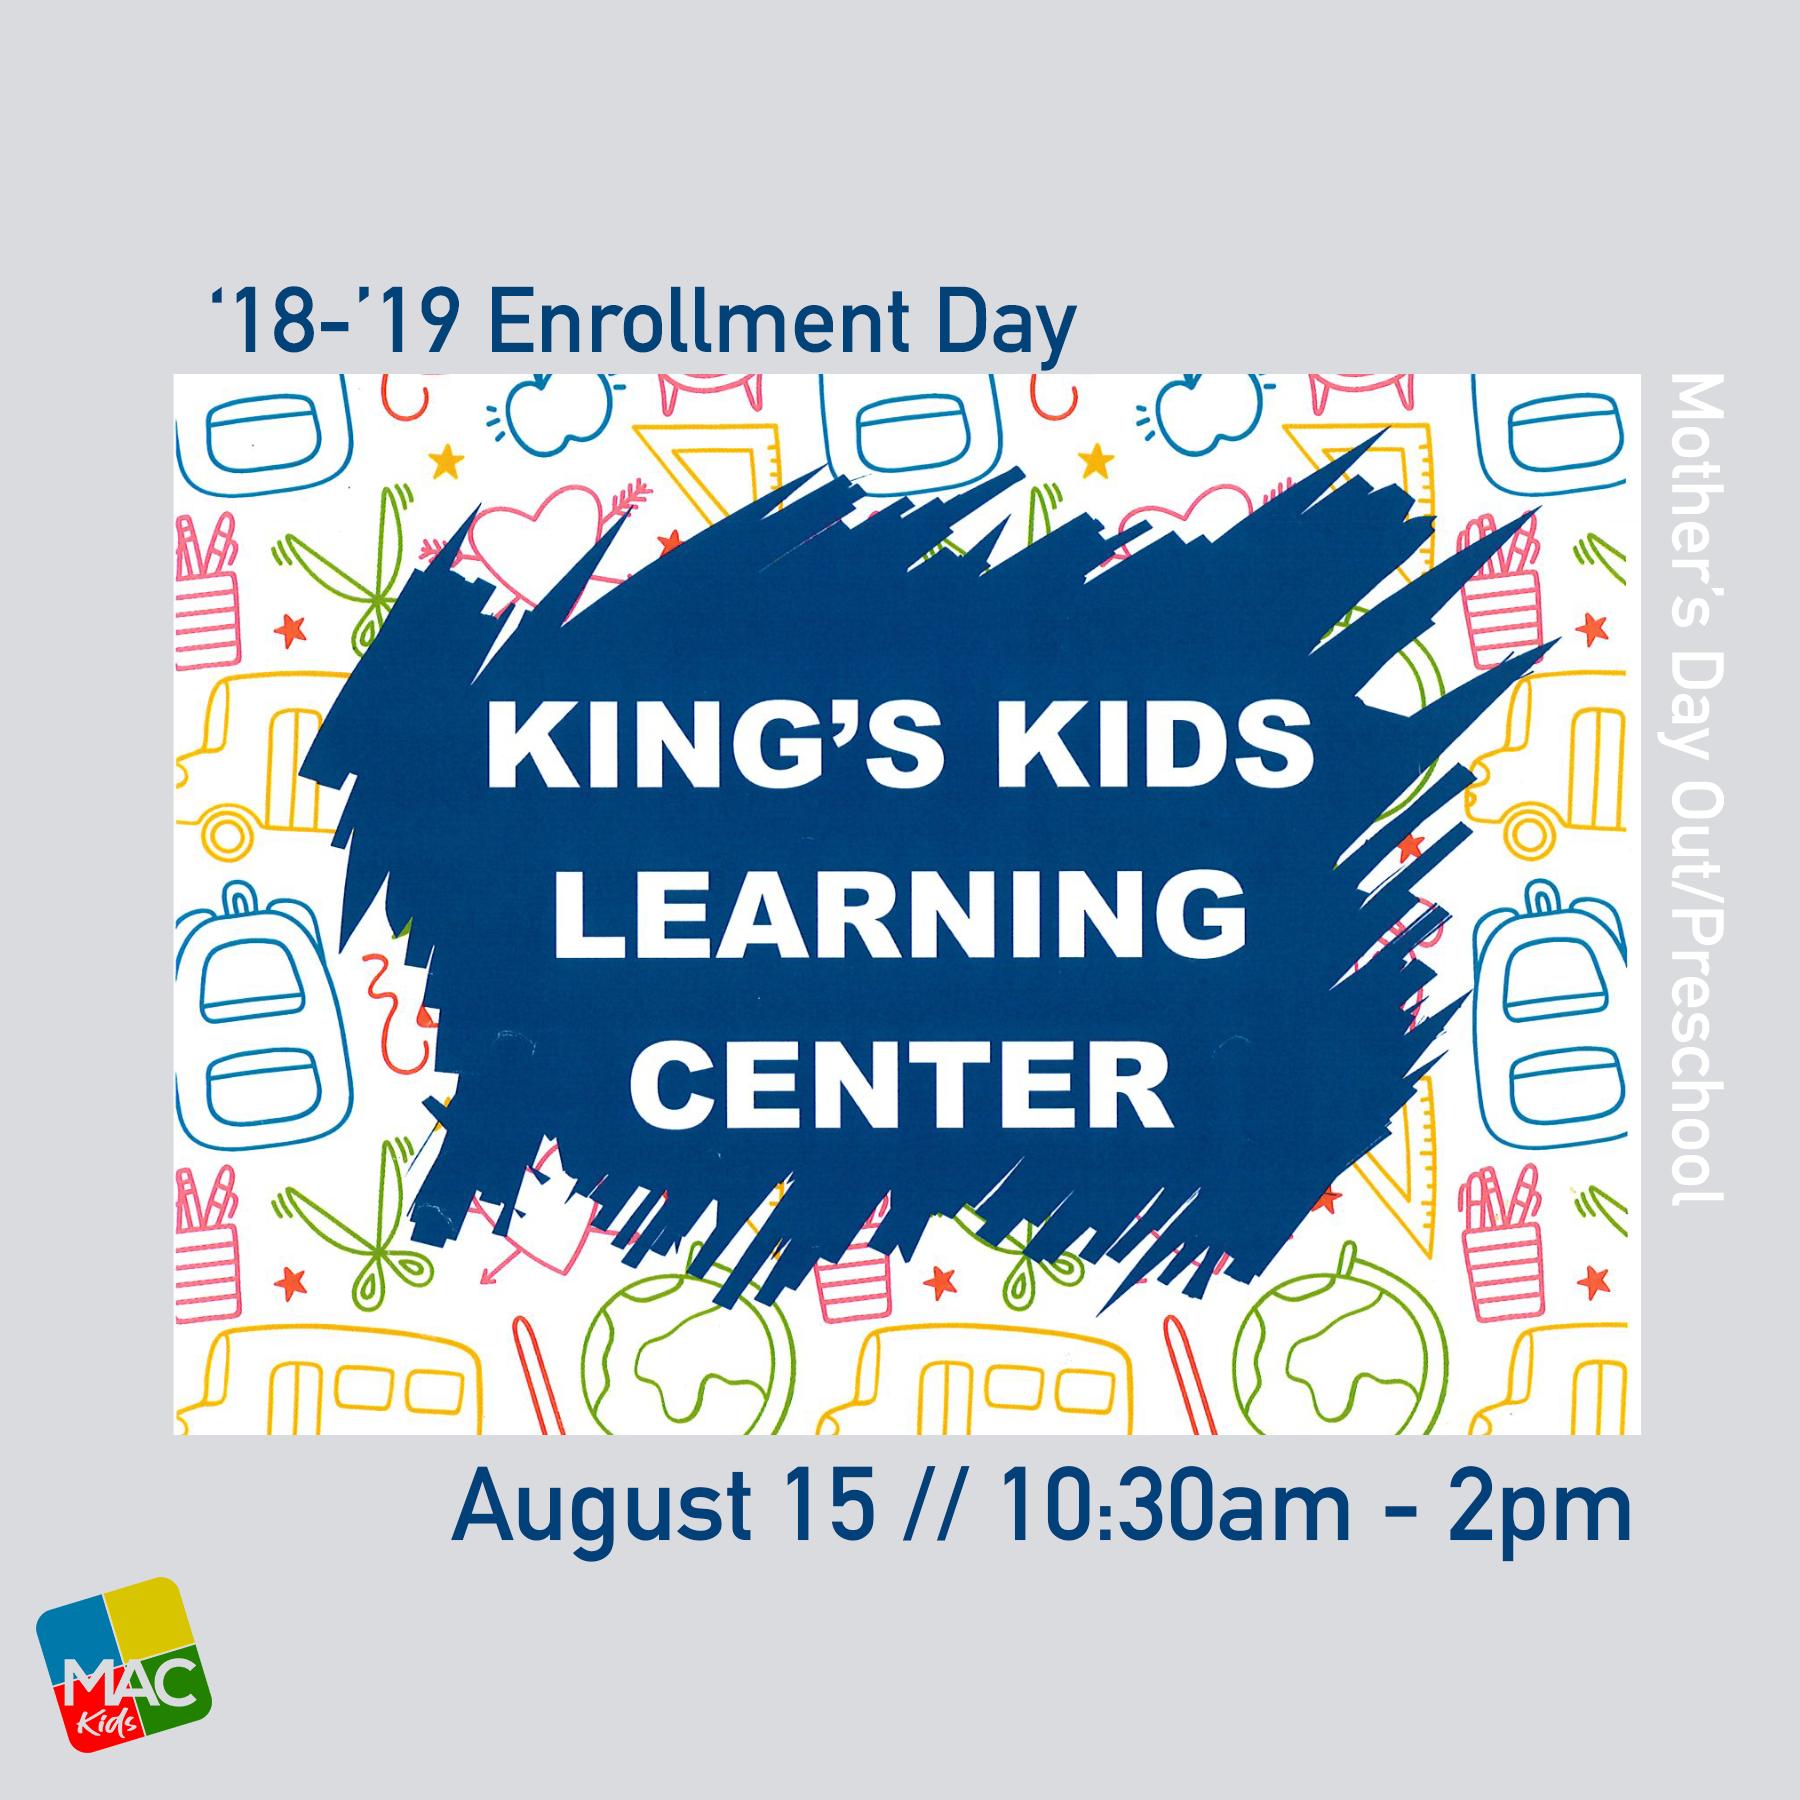 kingskids enrollment 2019.png